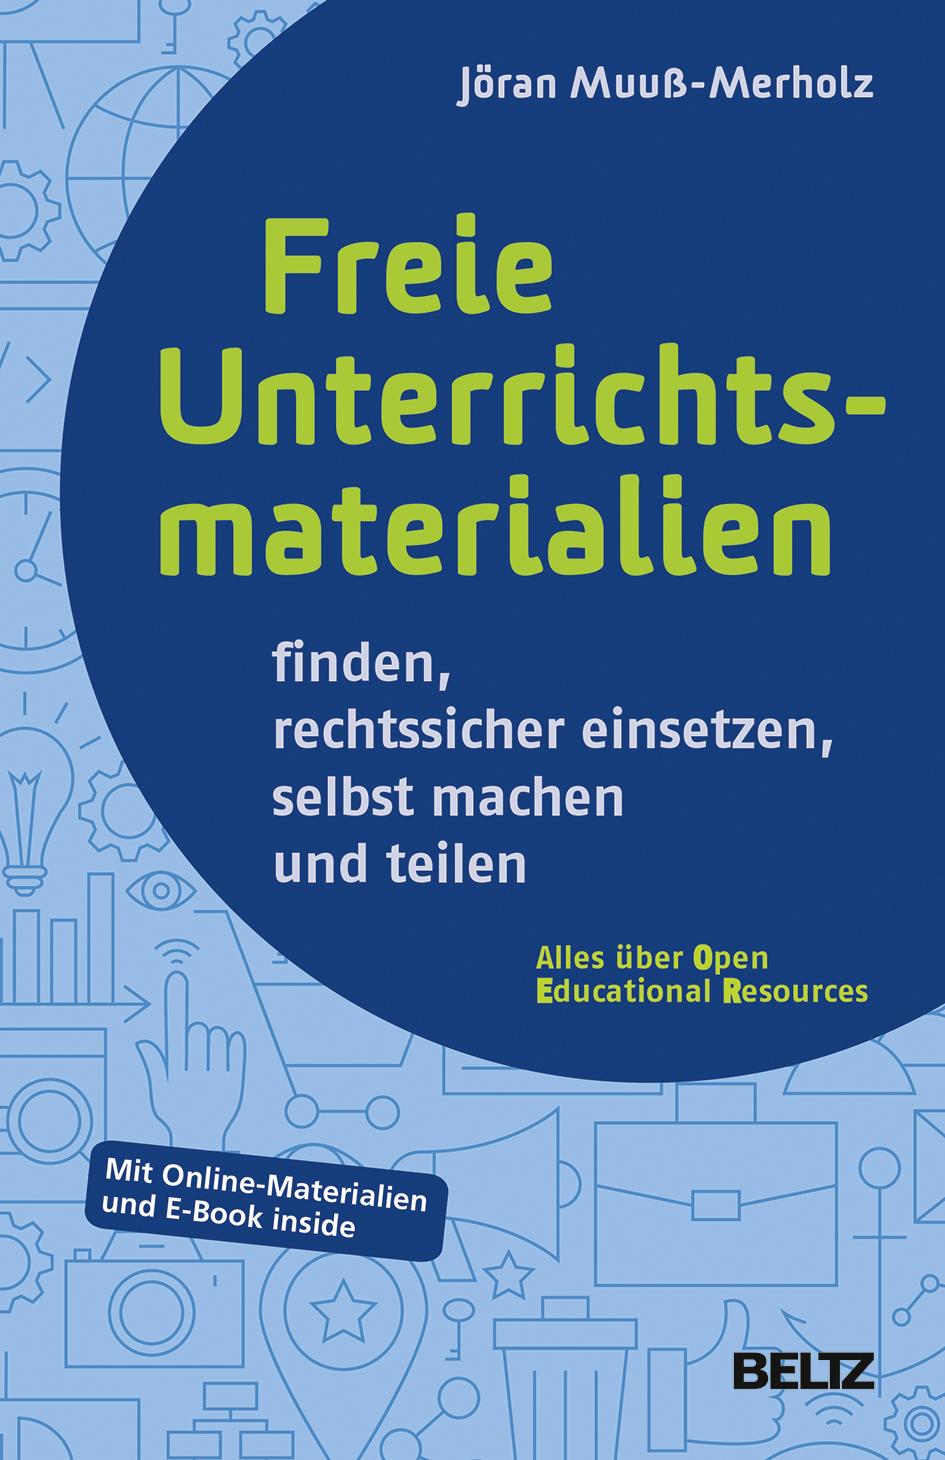 Freie Unterrichtsmaterialien finden, rechtssicher einsetzen, selbst ...